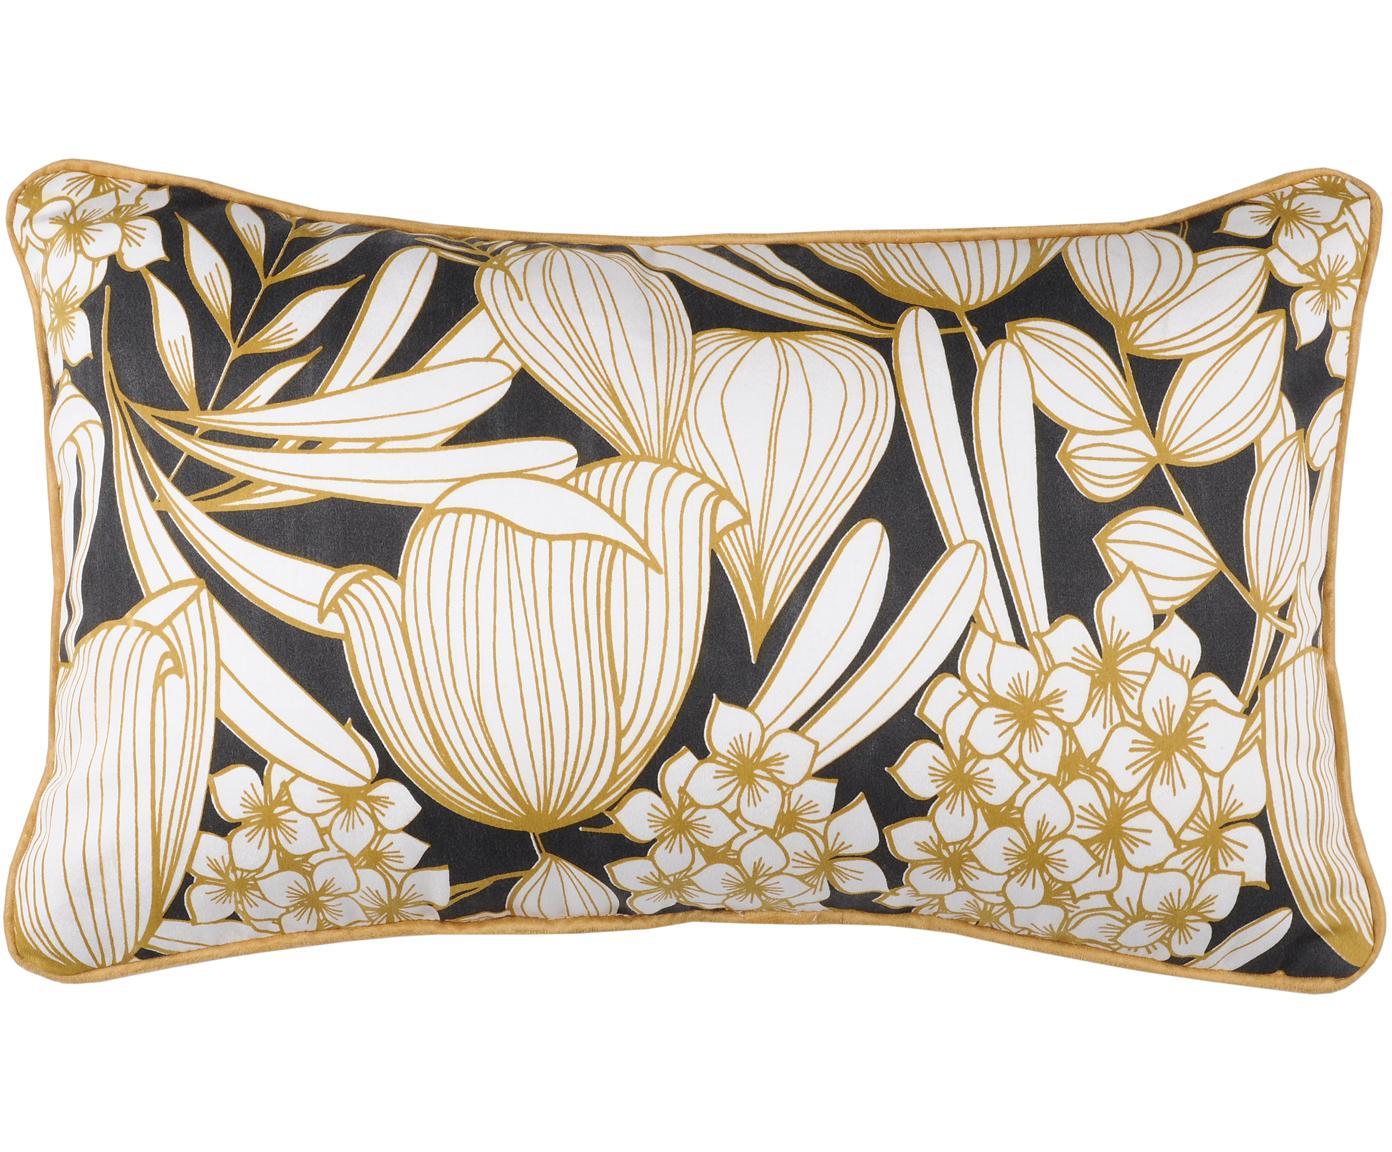 Kussen Ortance met bloemmotief in mosterdgeel/zwart, met vulling, Mosterdgeel, zwart, crèmekleurig, 30 x 50 cm